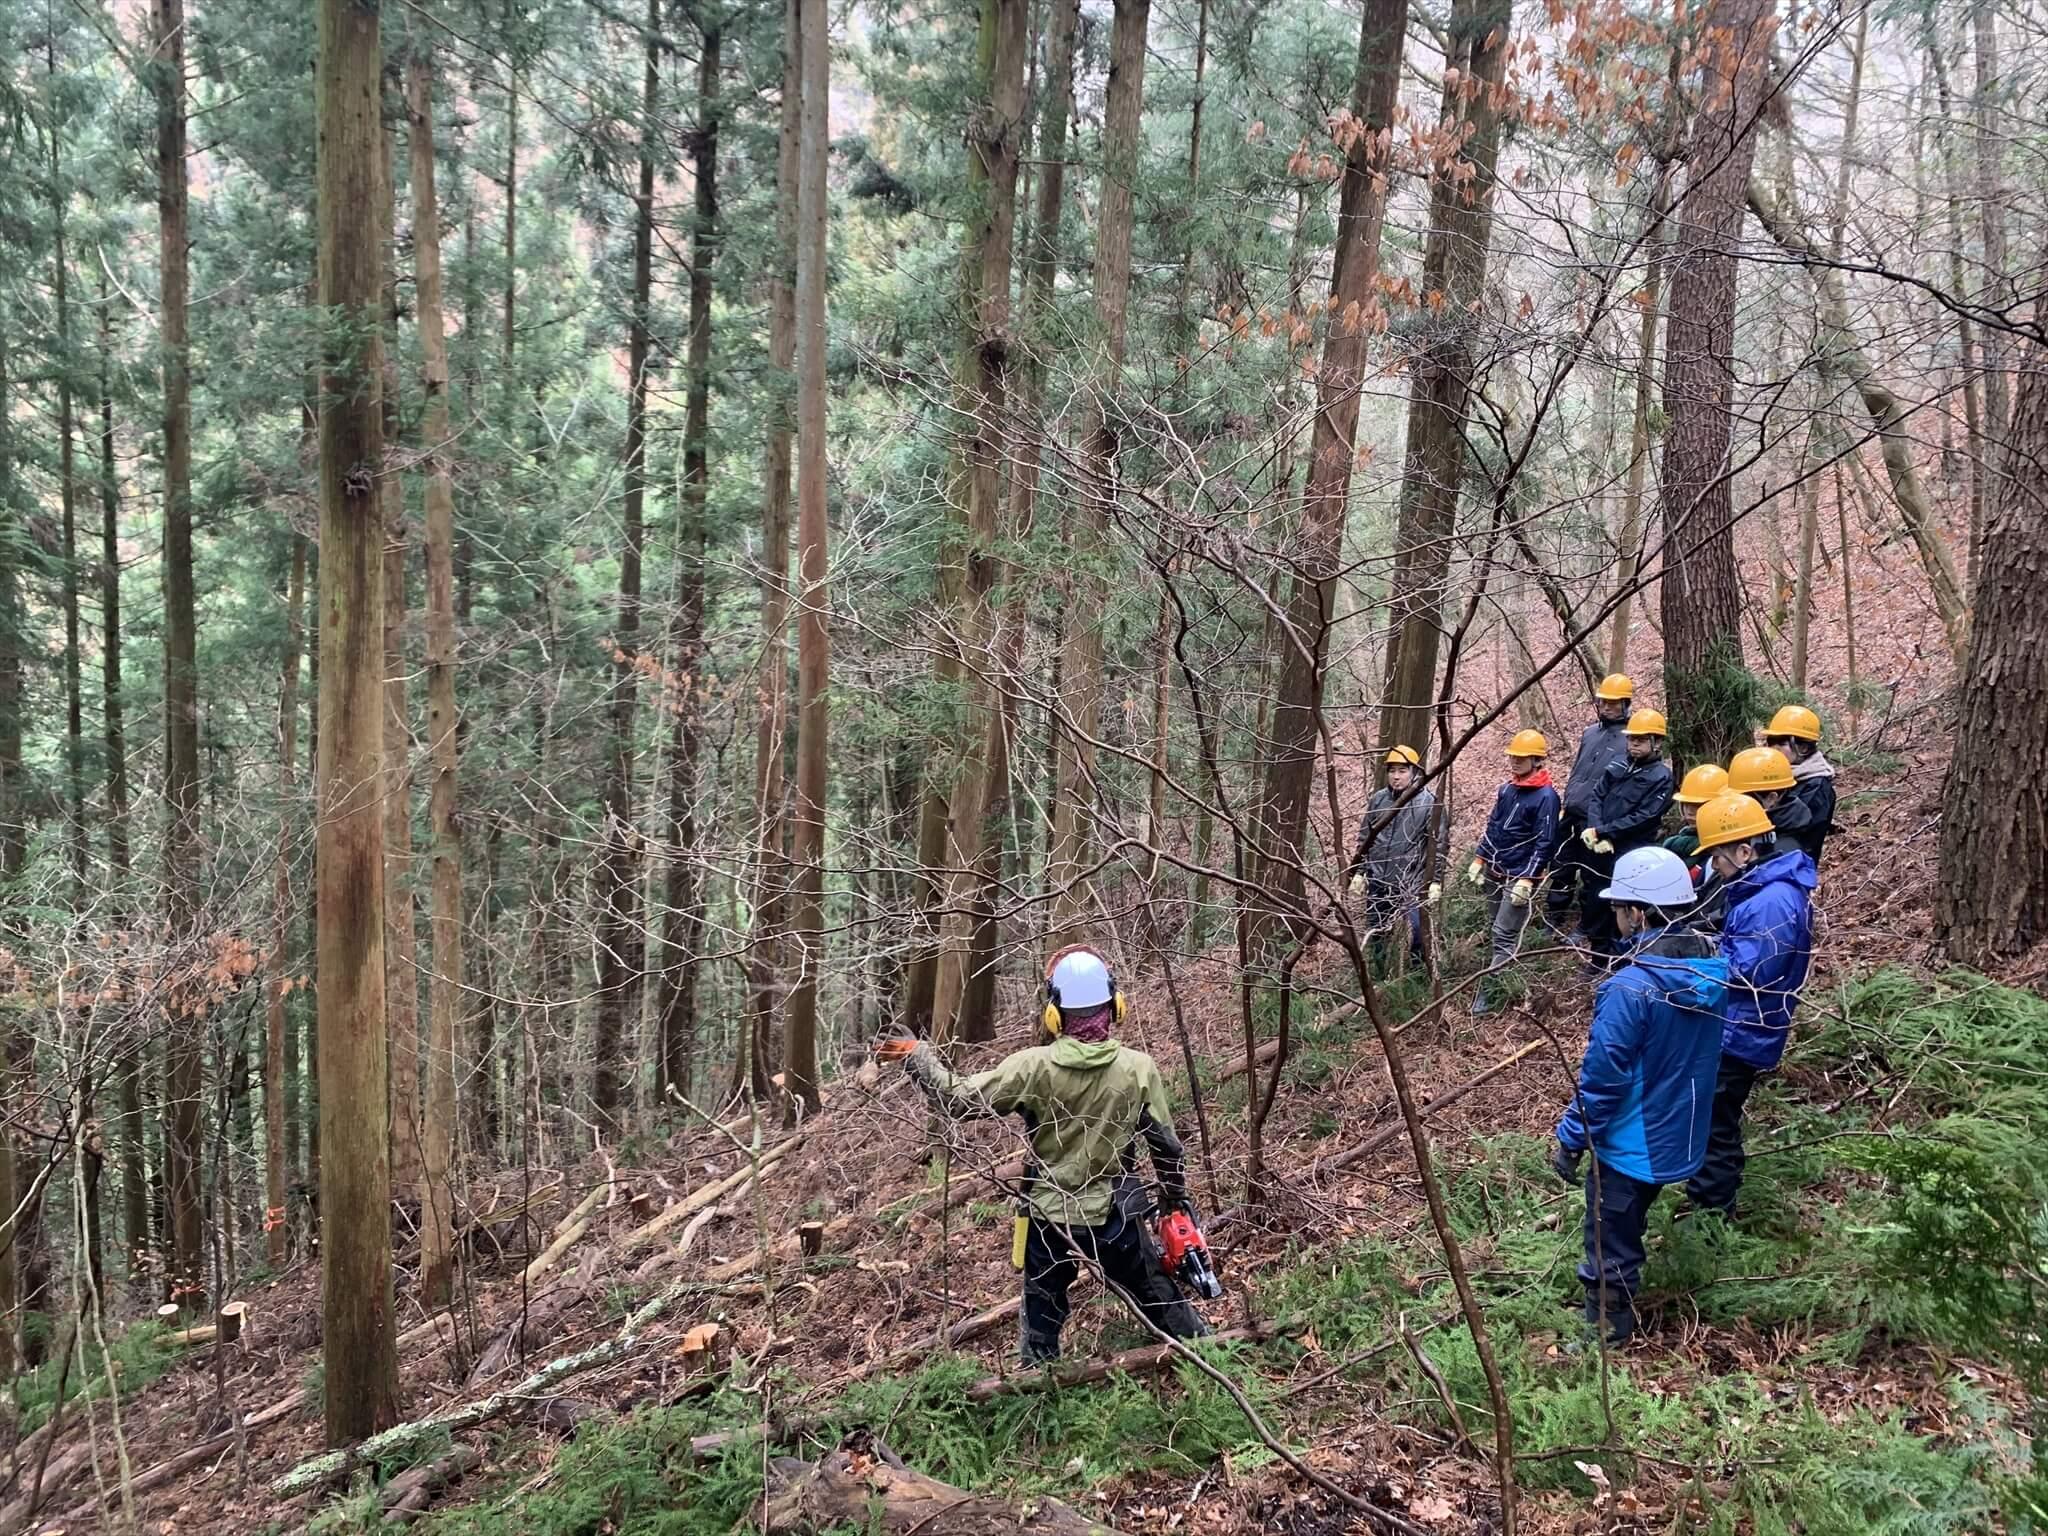 根羽村で行われた林業ツアーの様子